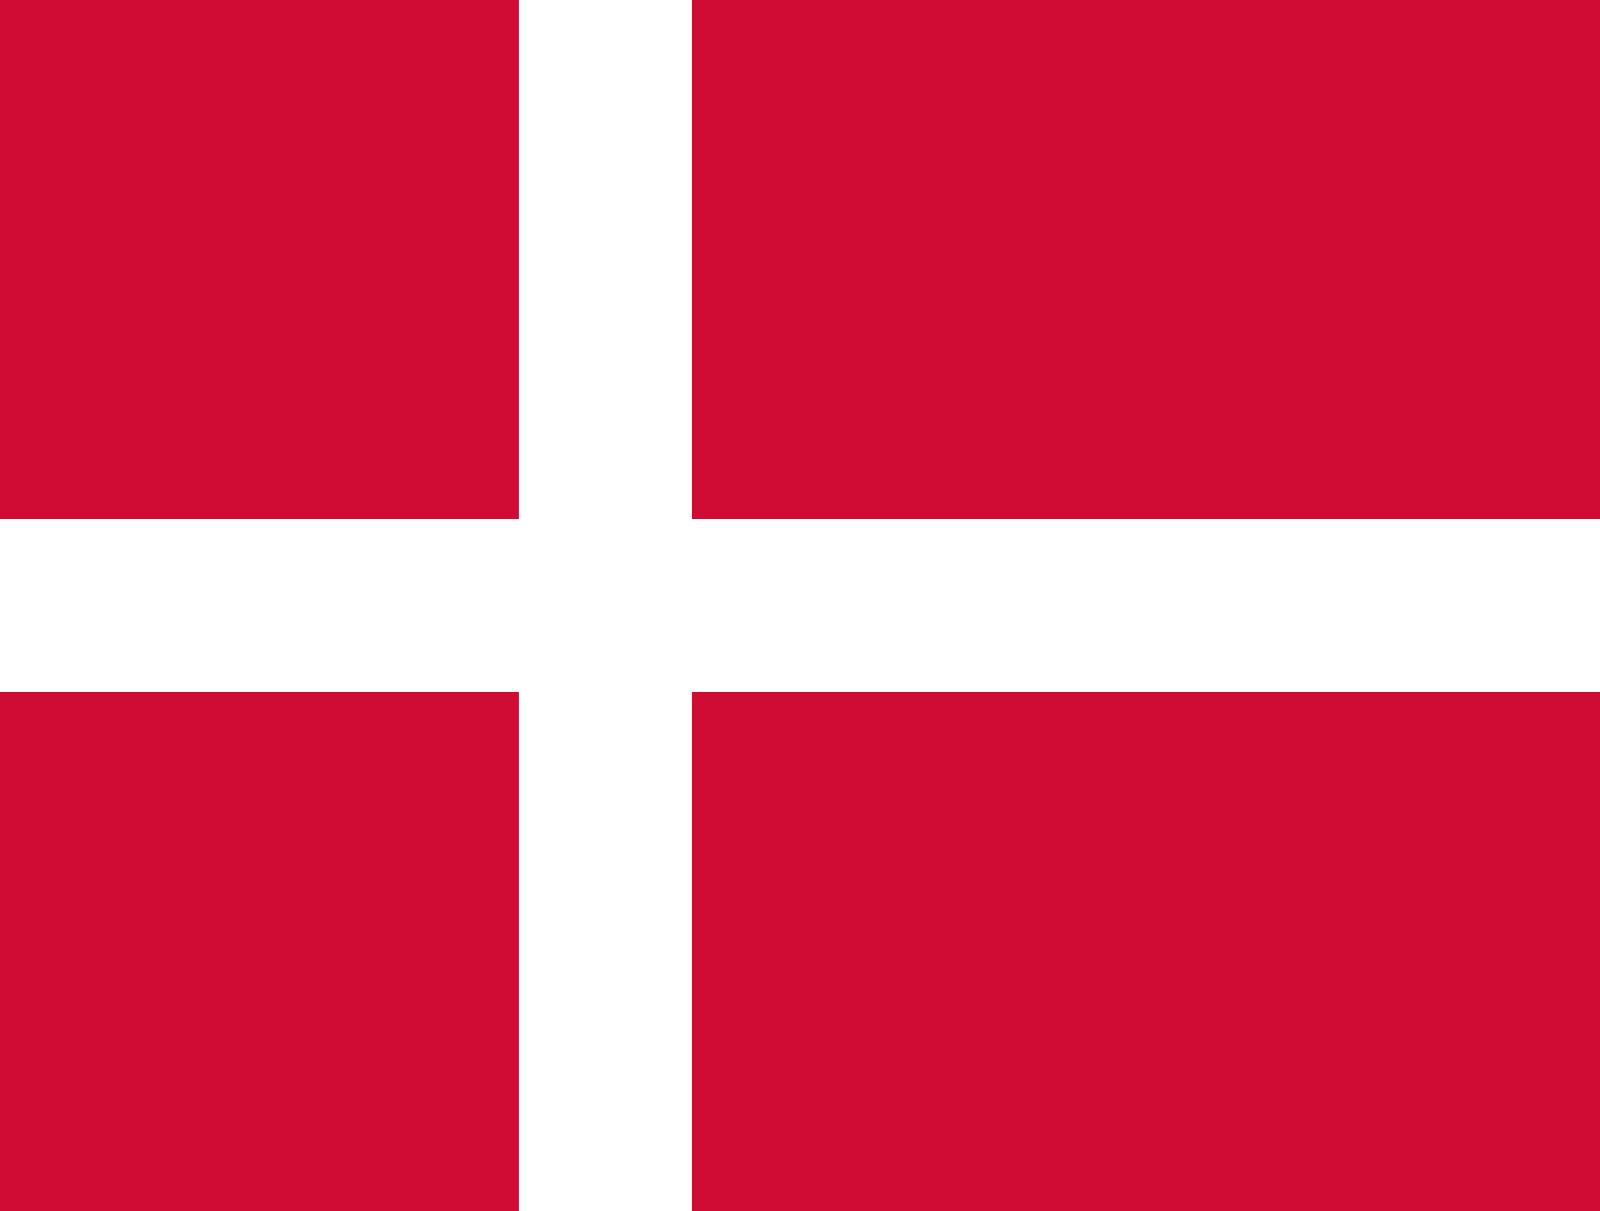 Danimarka Vizesi Alovizem Com Vize Danismanlik Hizmetleri Idata Vfs Global Tum Vize Islemlerinde Tam Yetkili 90 312 427 47 01 Inf Danimarka Bayrak Kuba